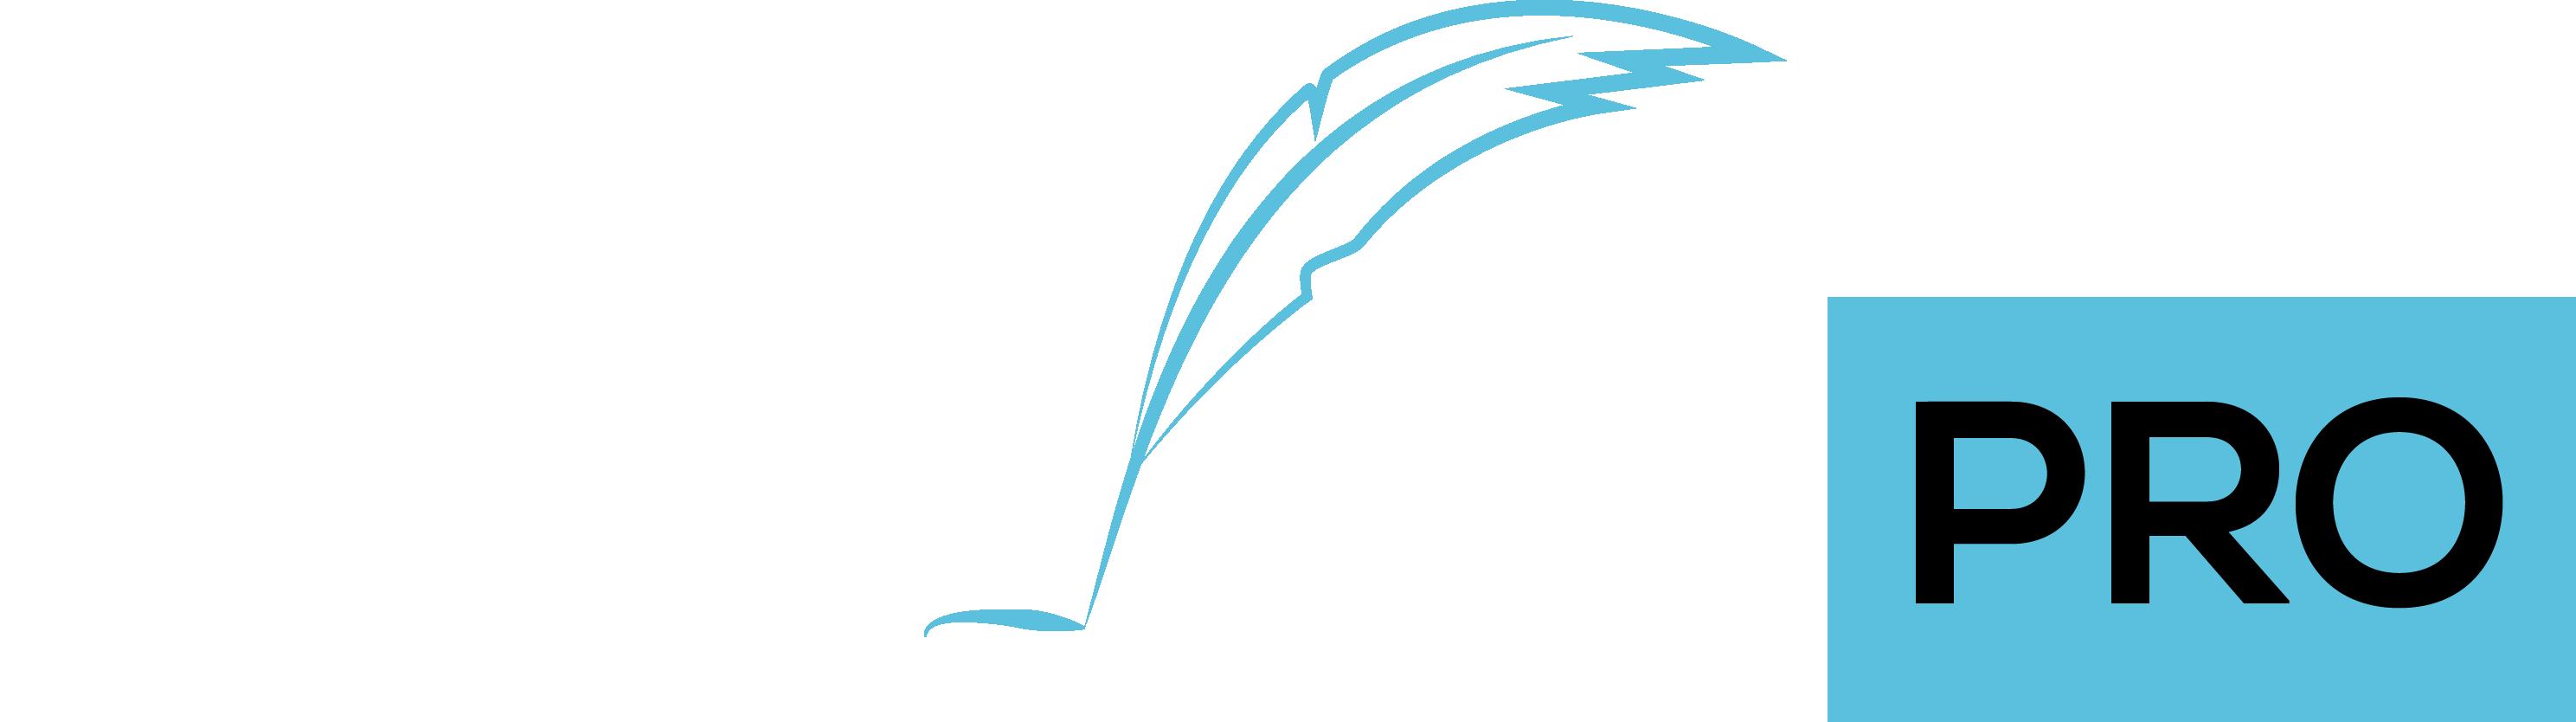 DocSign Pro